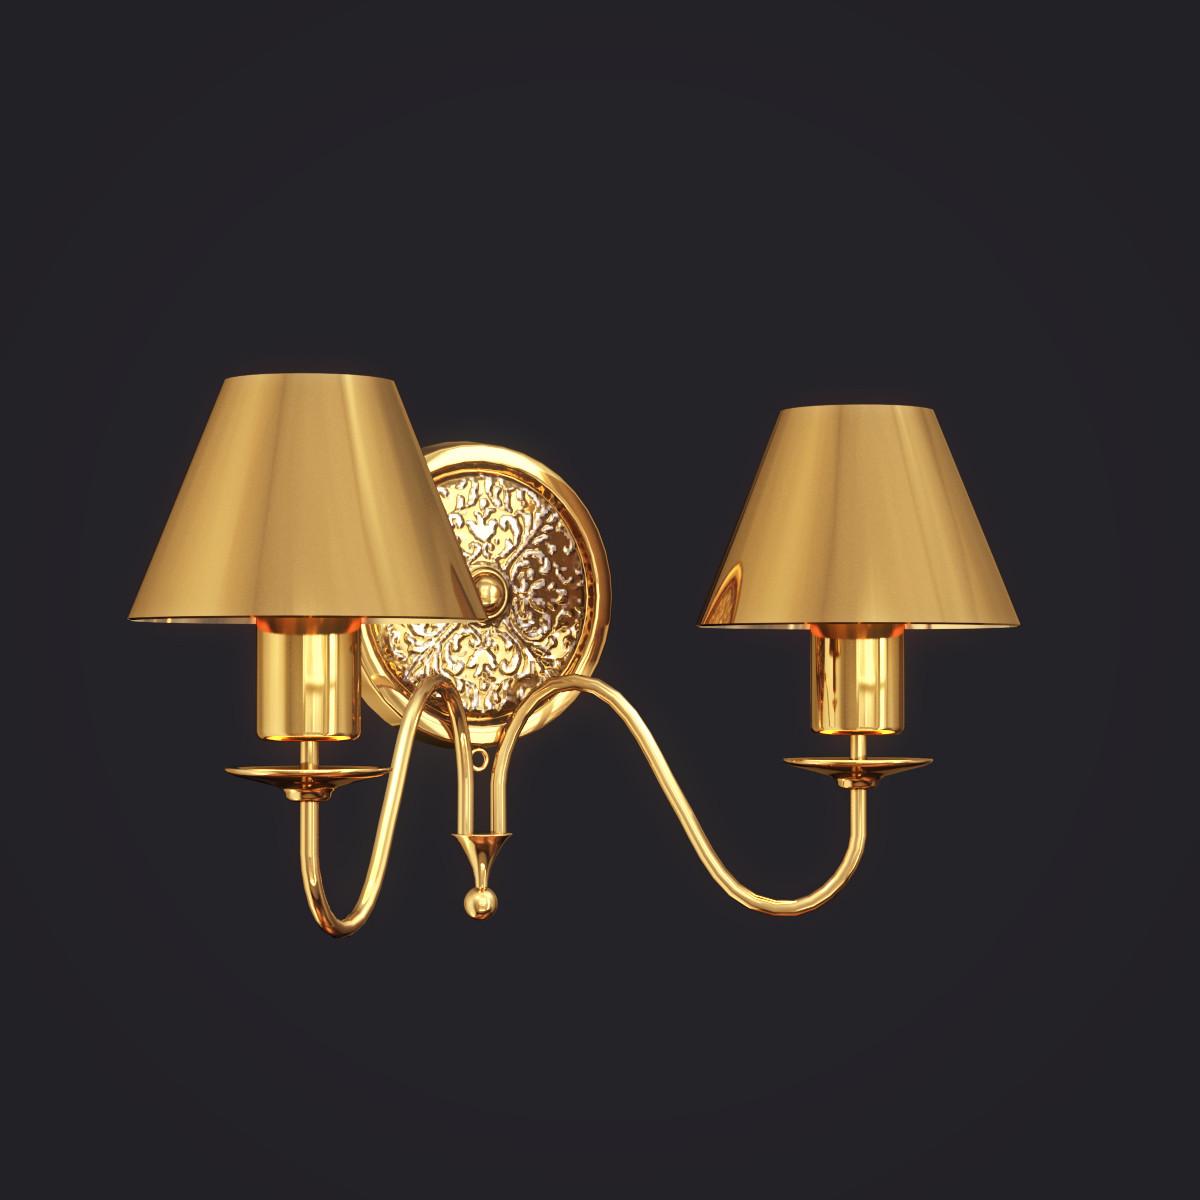 3d lamp art 744 baga